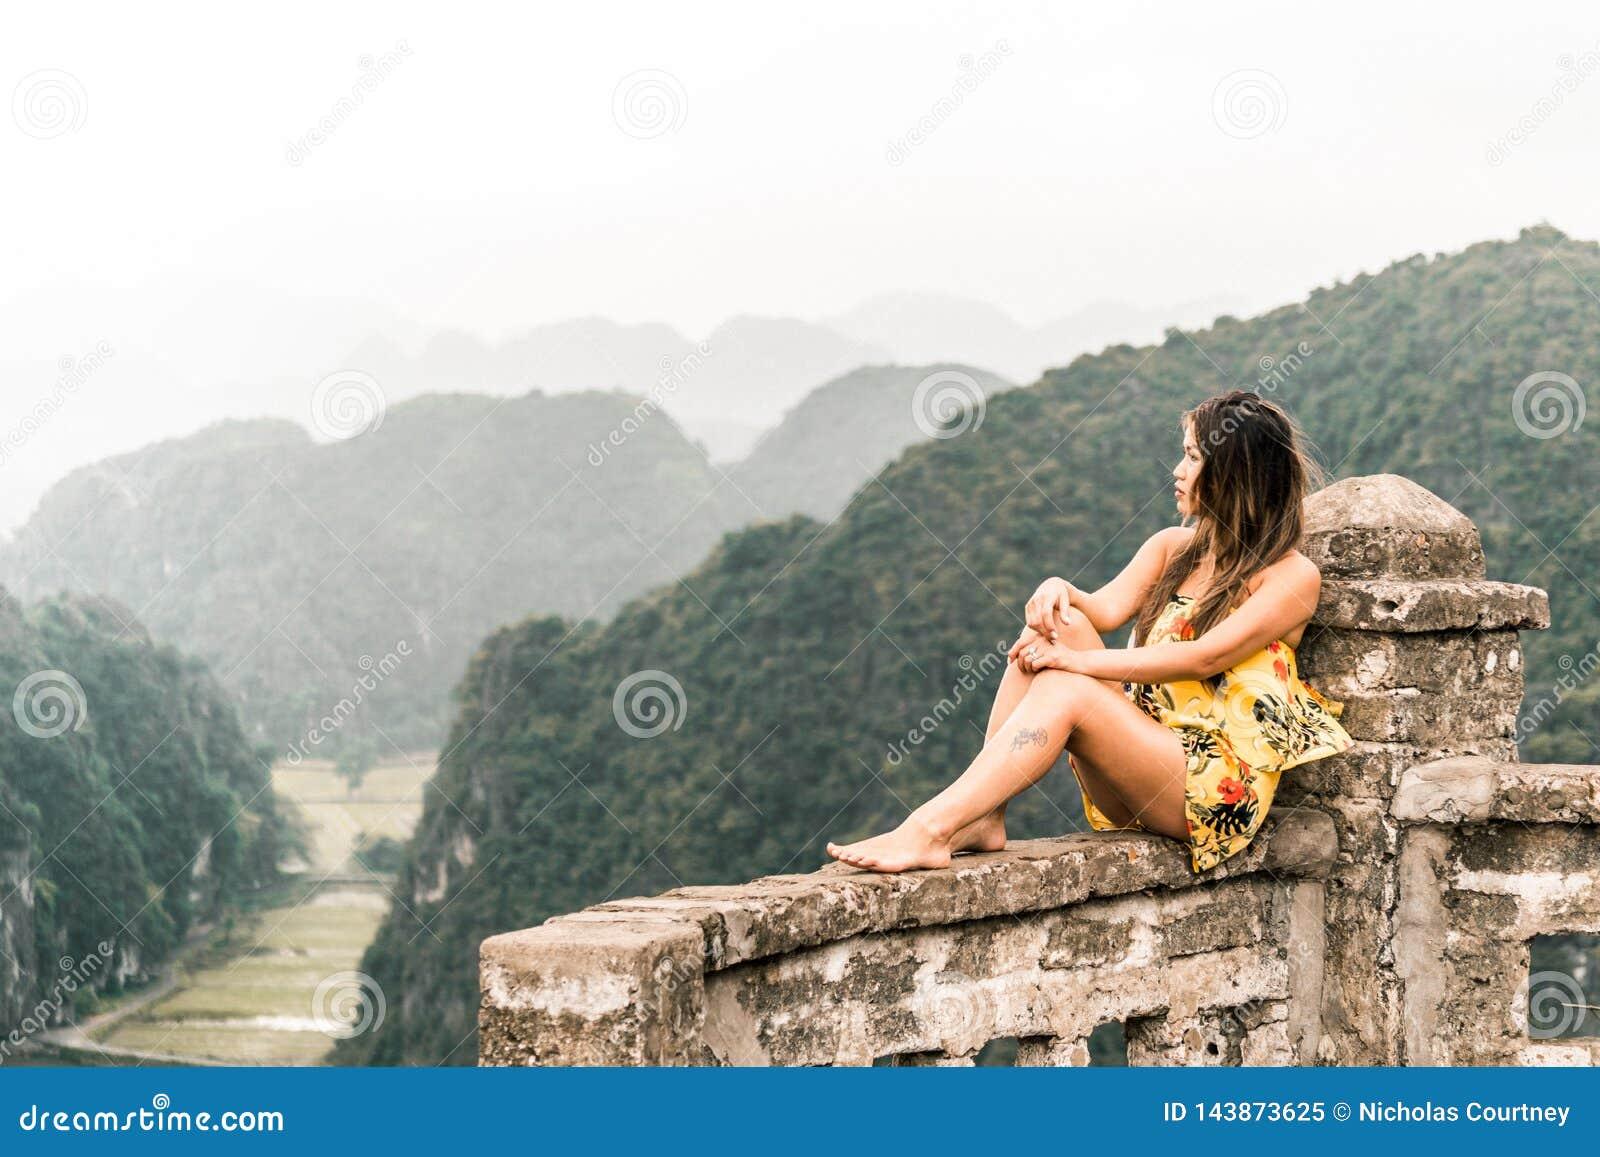 Ελκυστική τοποθέτηση γυναικών στα βουνά του βόρειου Βιετνάμ r